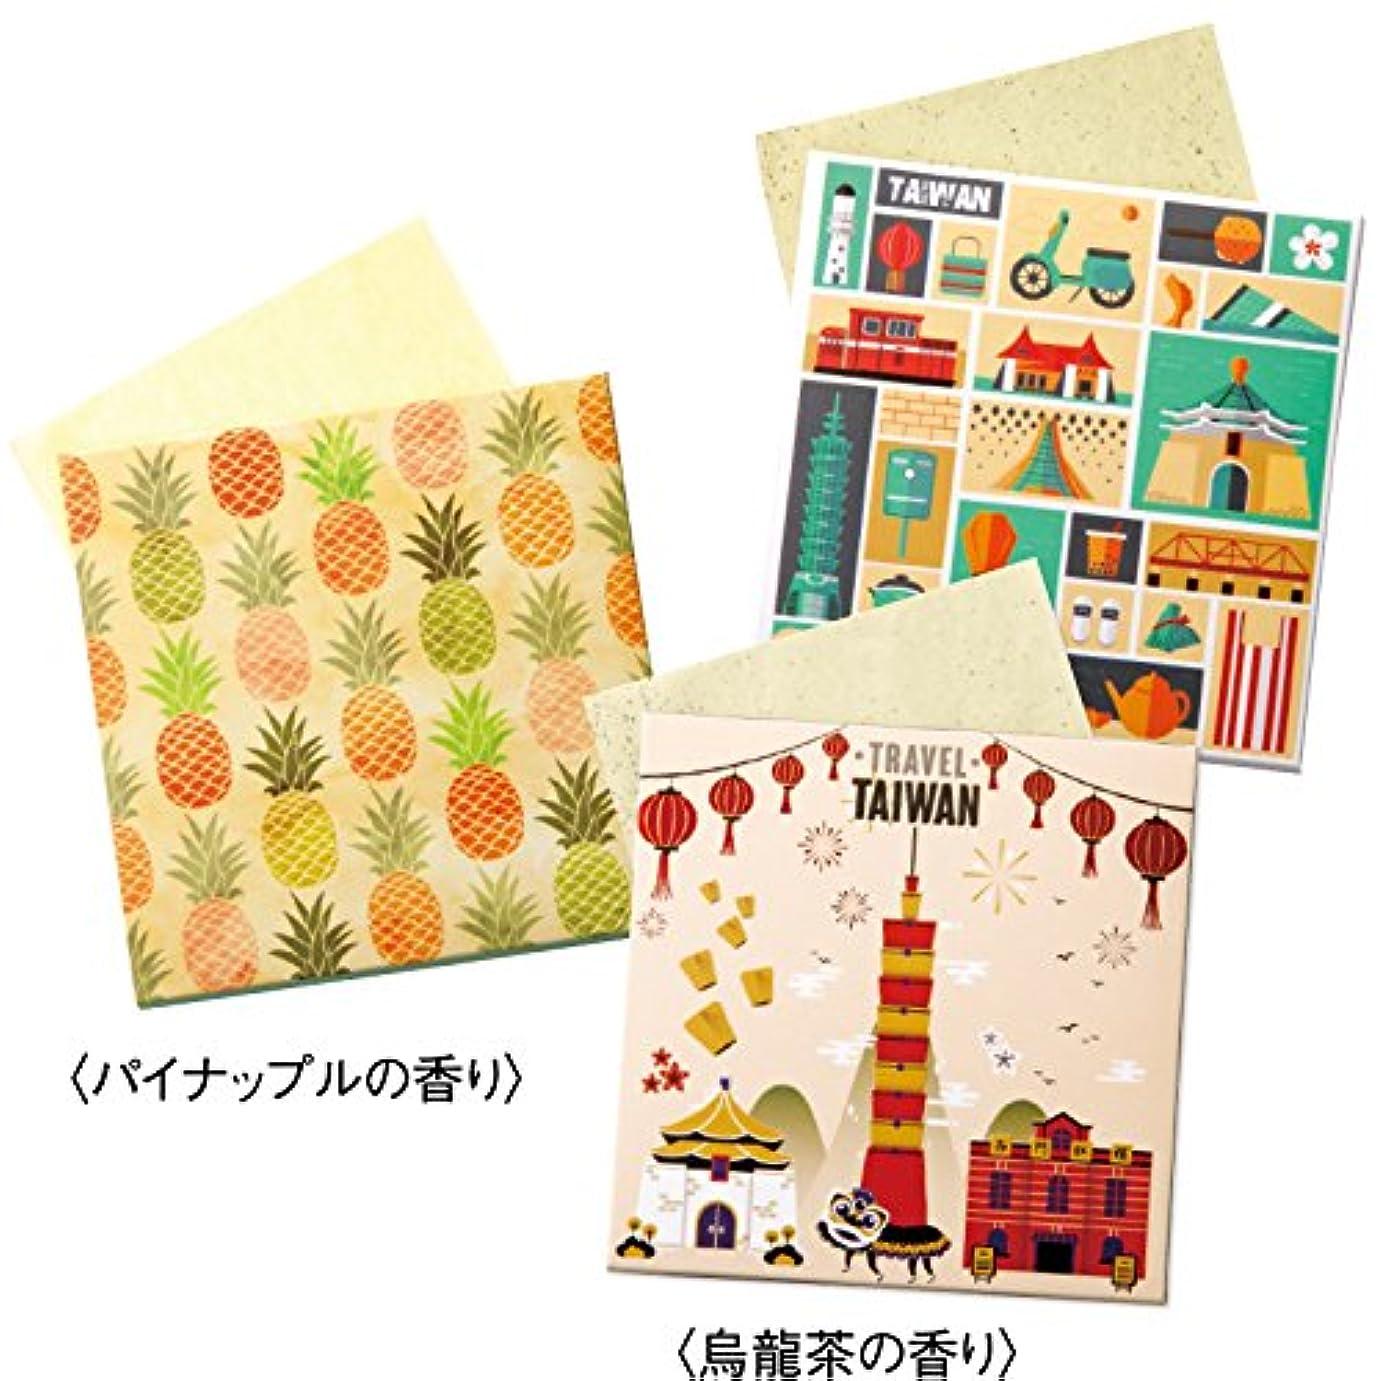 助けてテザー干渉する台湾 土産 台湾 あぶらとり紙 3コセット (海外旅行 台湾 お土産)